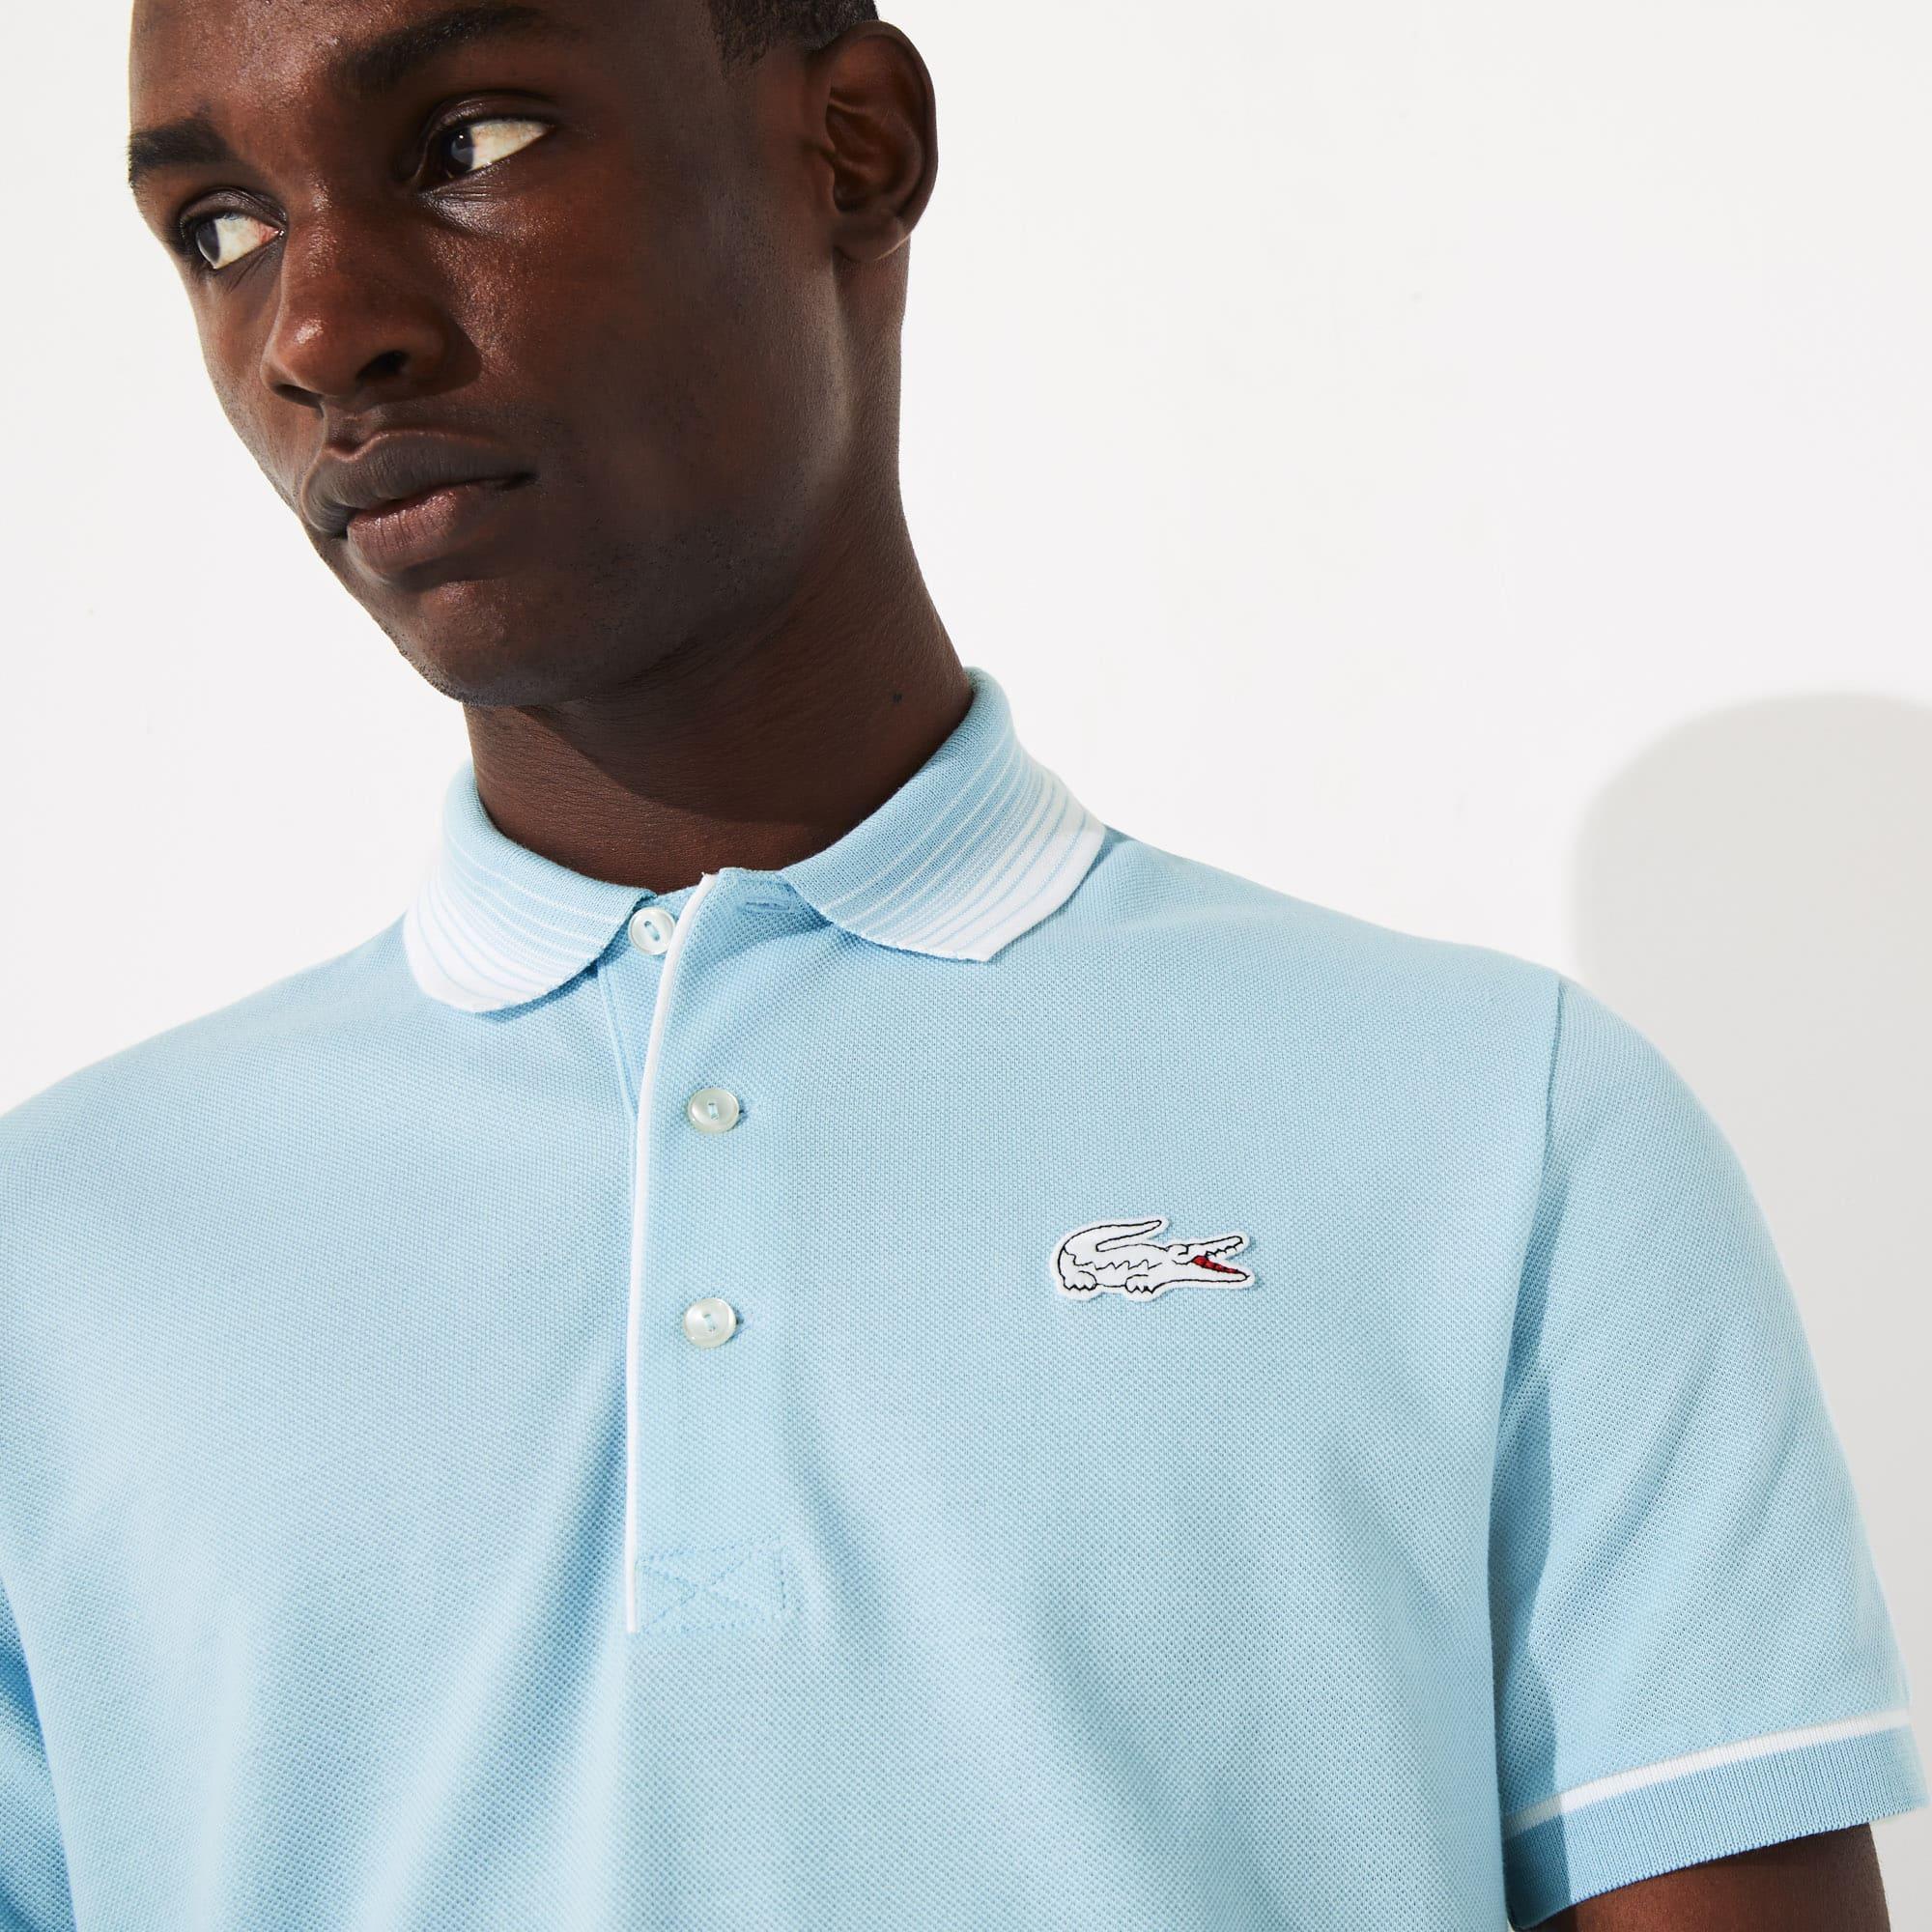 085b1674f9 Men's Lacoste SPORT French Open Edition Cotton Petit Piqué Polo Shirt